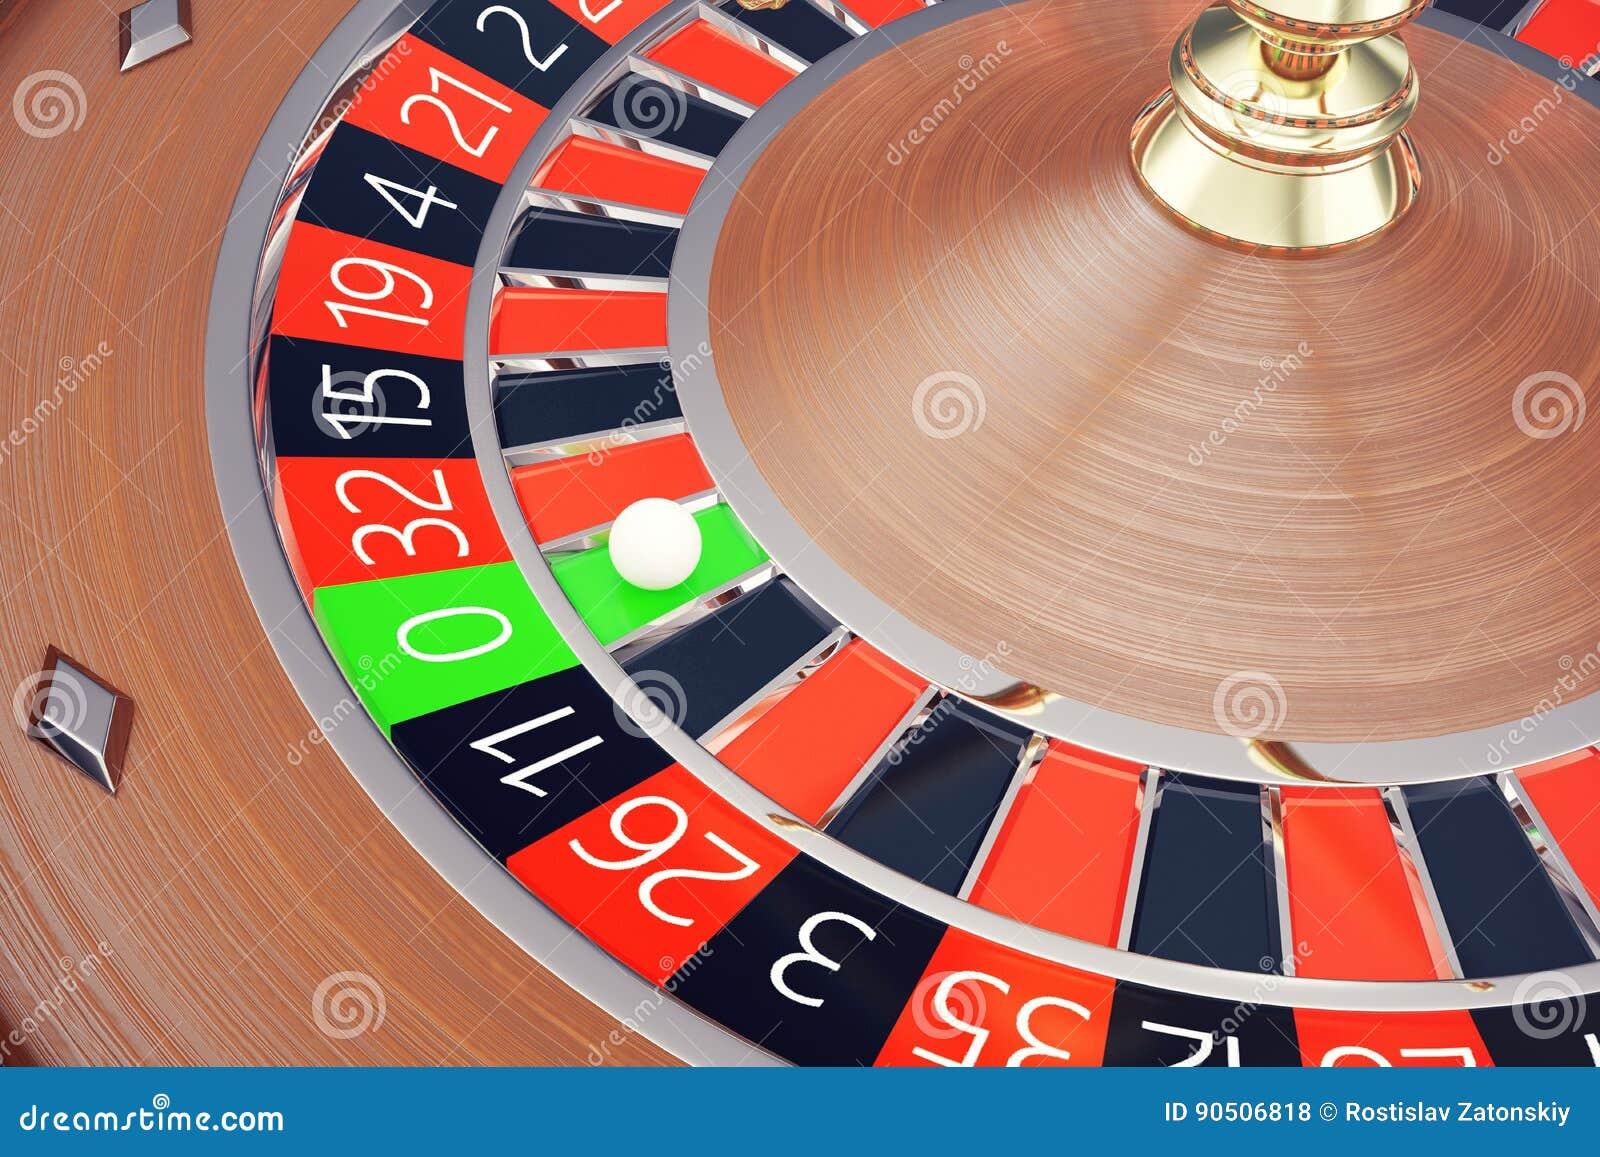 Казино как переводится играть онлайн в ворлд покер клаб